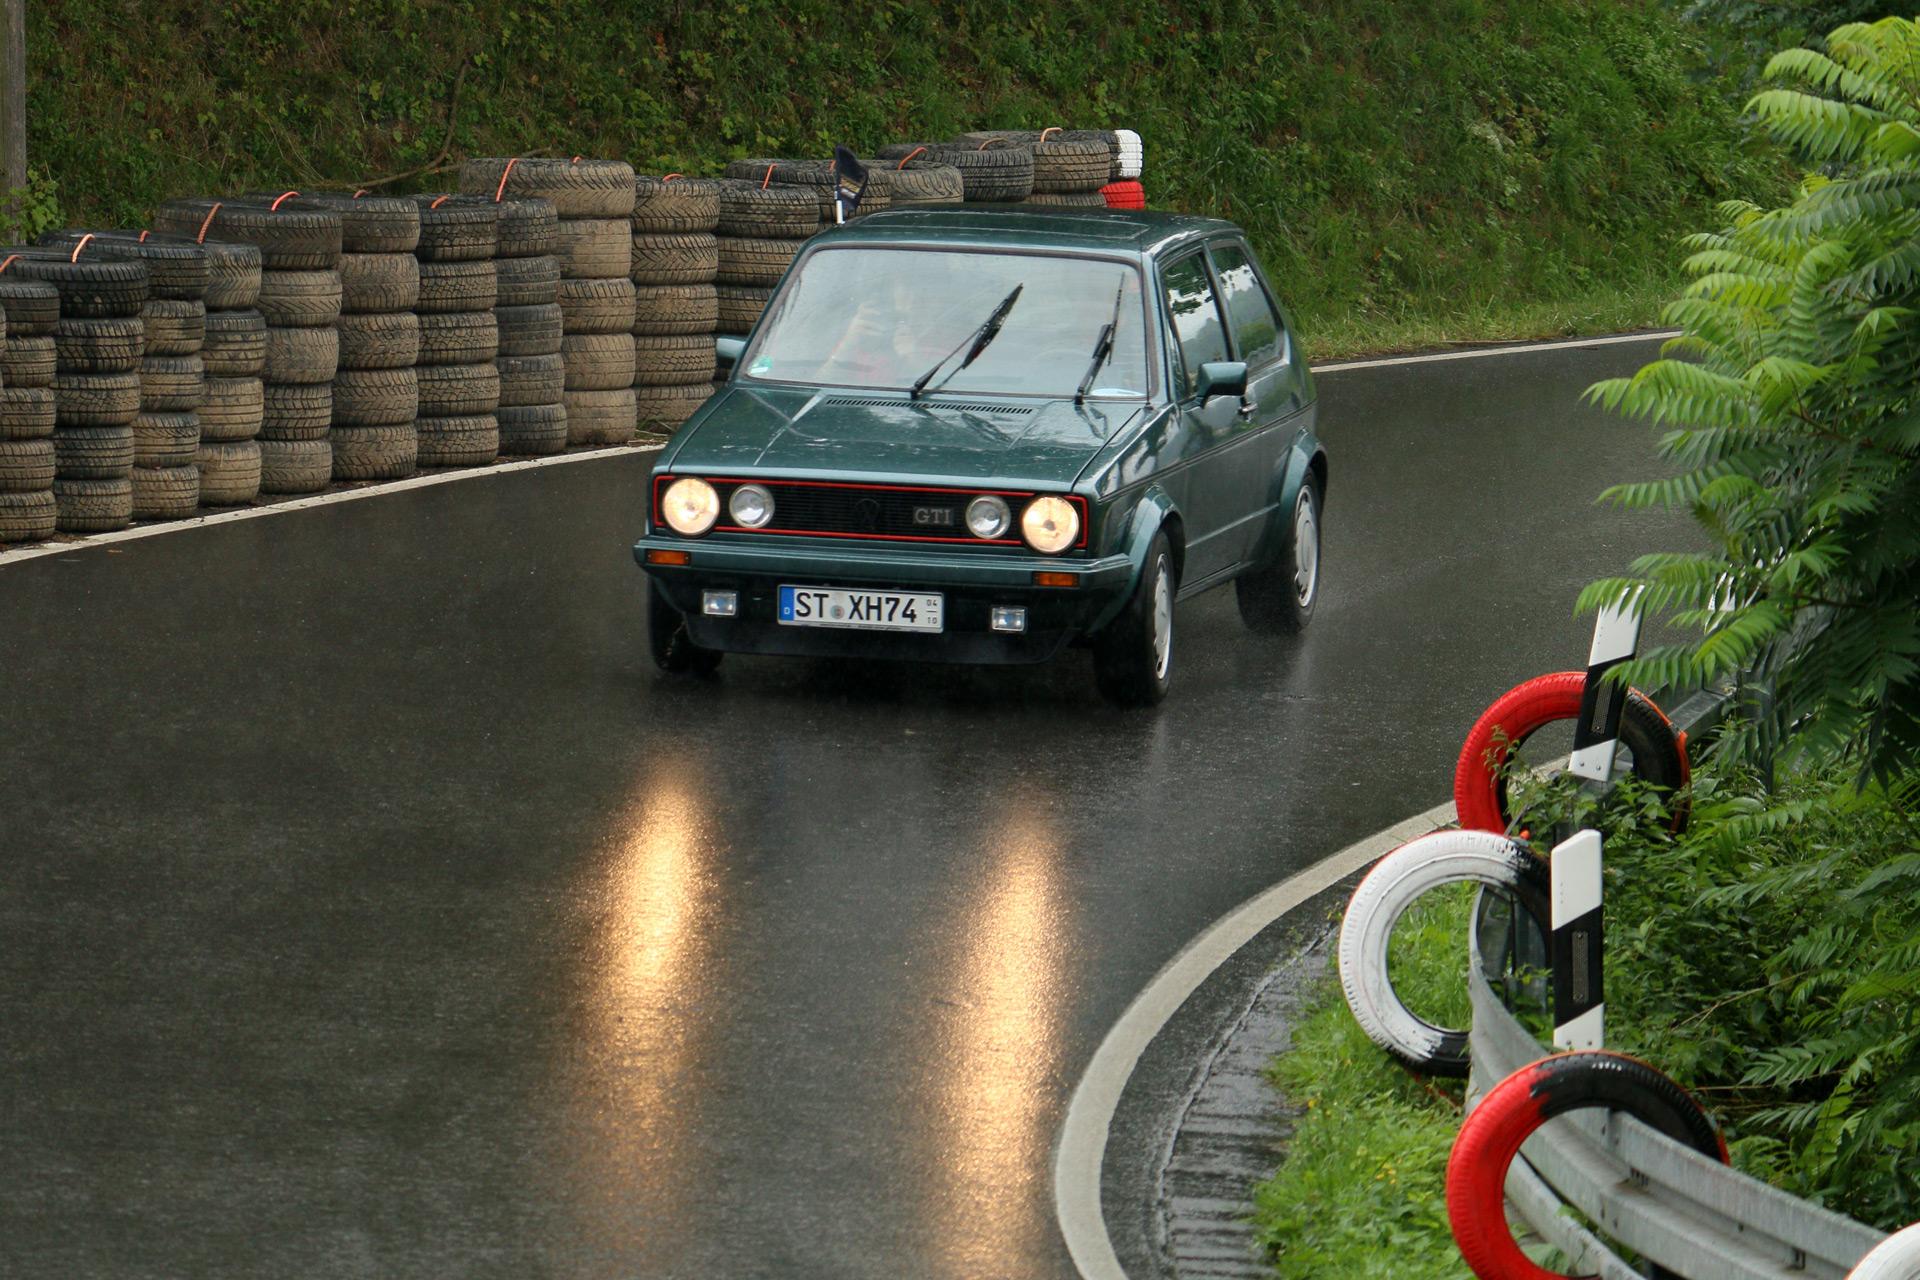 Die Buchstaben GTI stehen für Grand Tourisme Injection. Ein Leergewicht von 810 kg verhalfen dem Golf GTI zu überdurchschnittlichen Fahrleistungen.